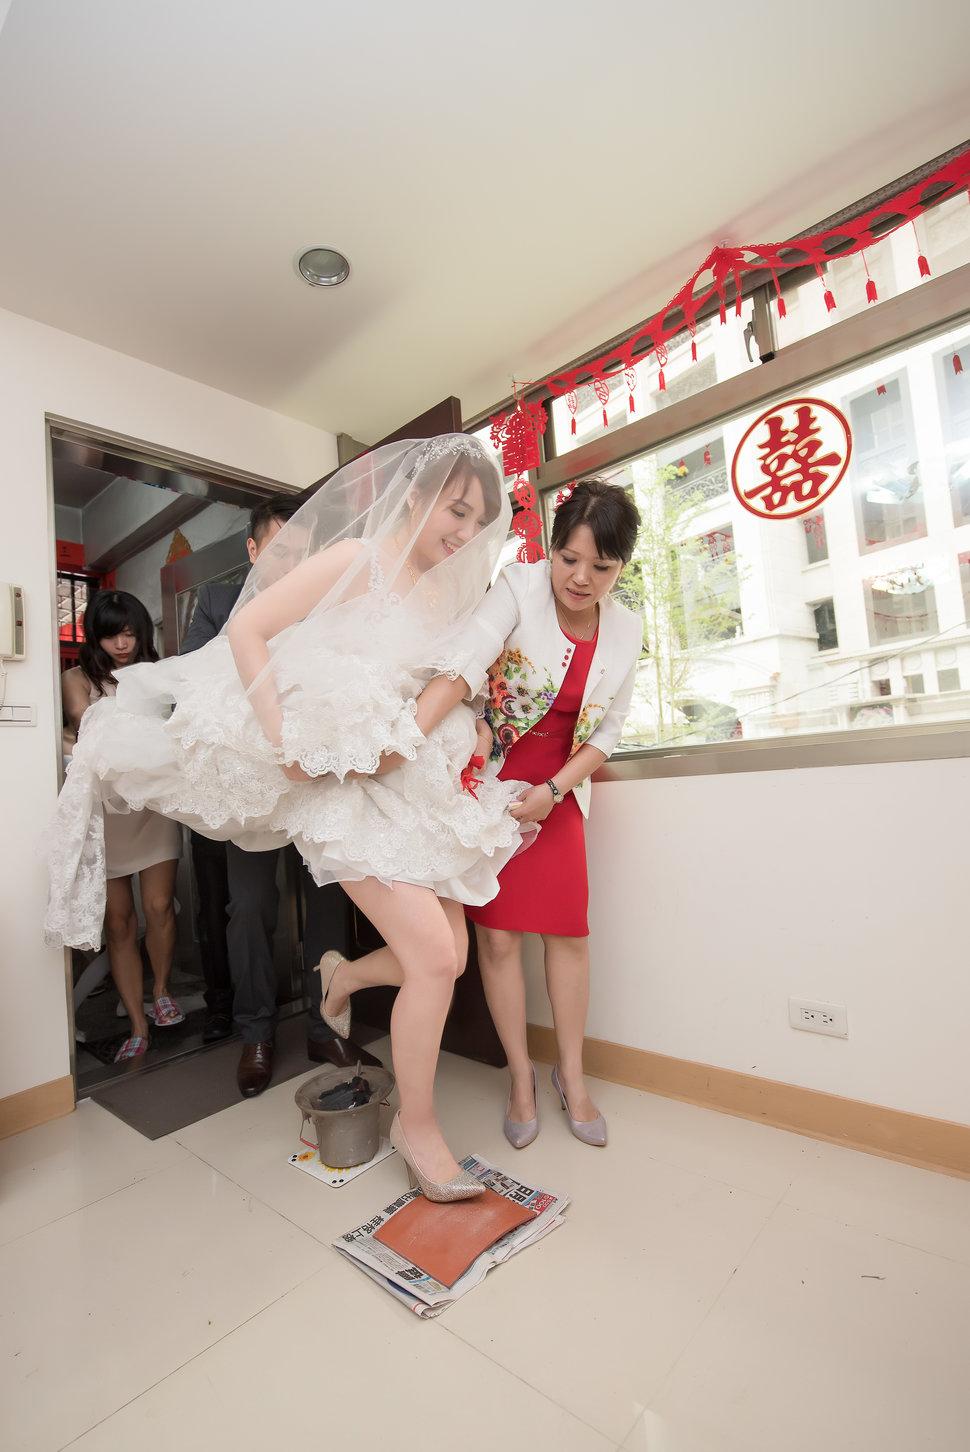 [台北婚攝] 文訂迎娶儀式_台北圓山大飯店(編號:431768) - Allen影像團隊 Love Story - 結婚吧